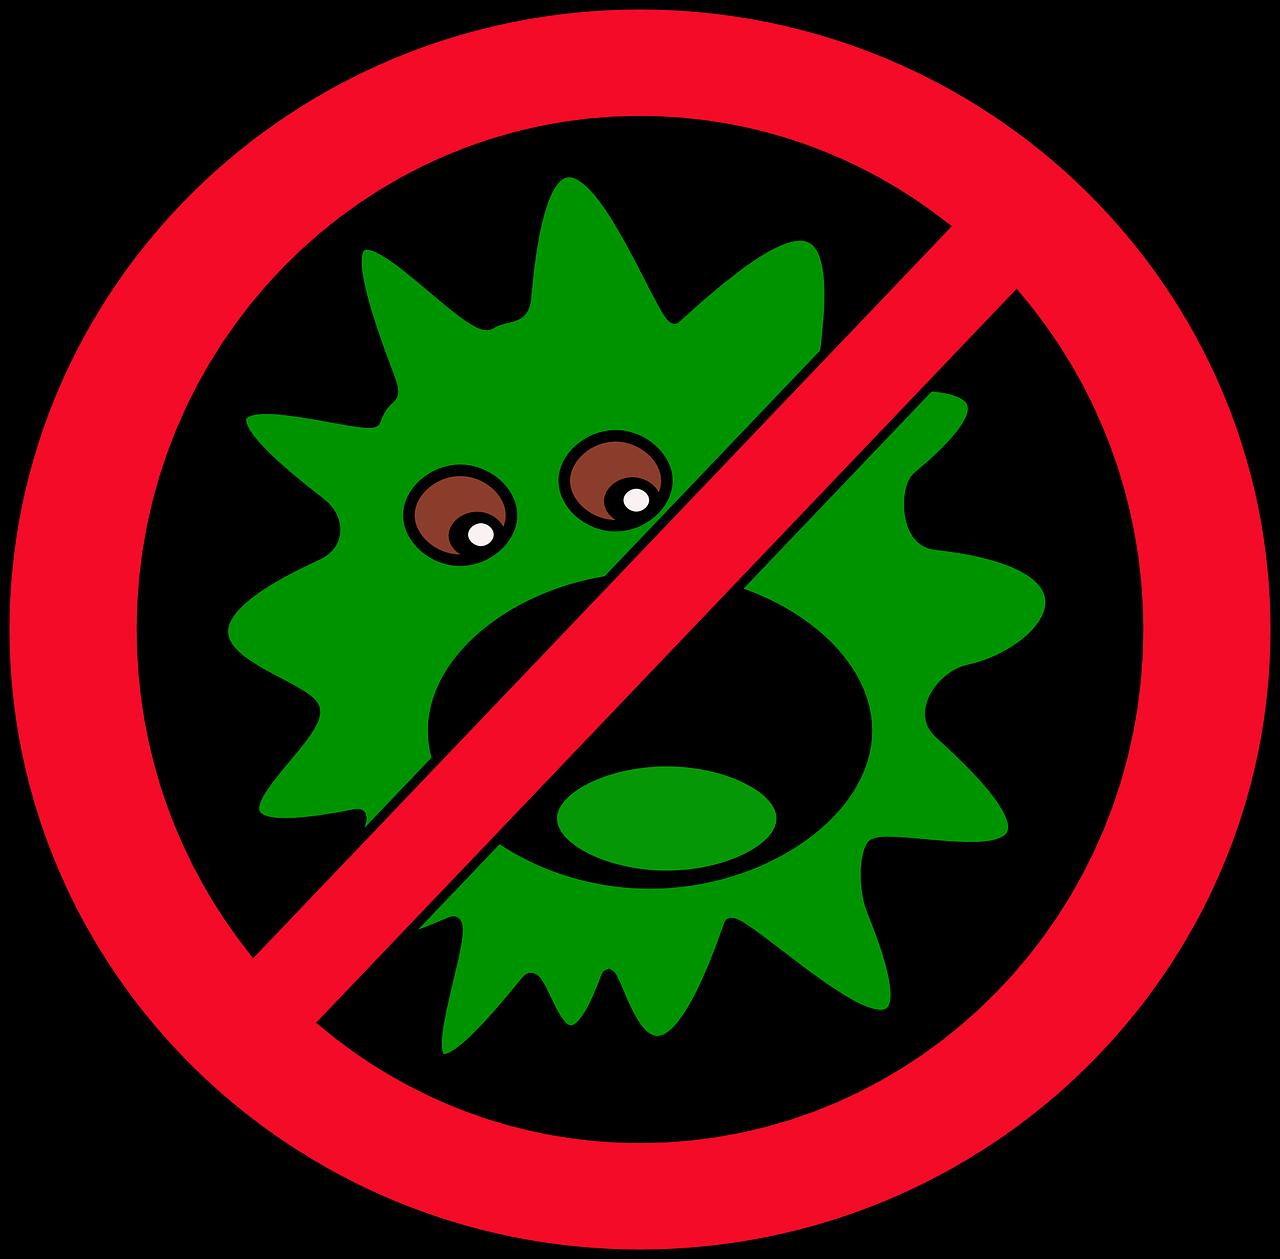 Clostridien bekämpfen